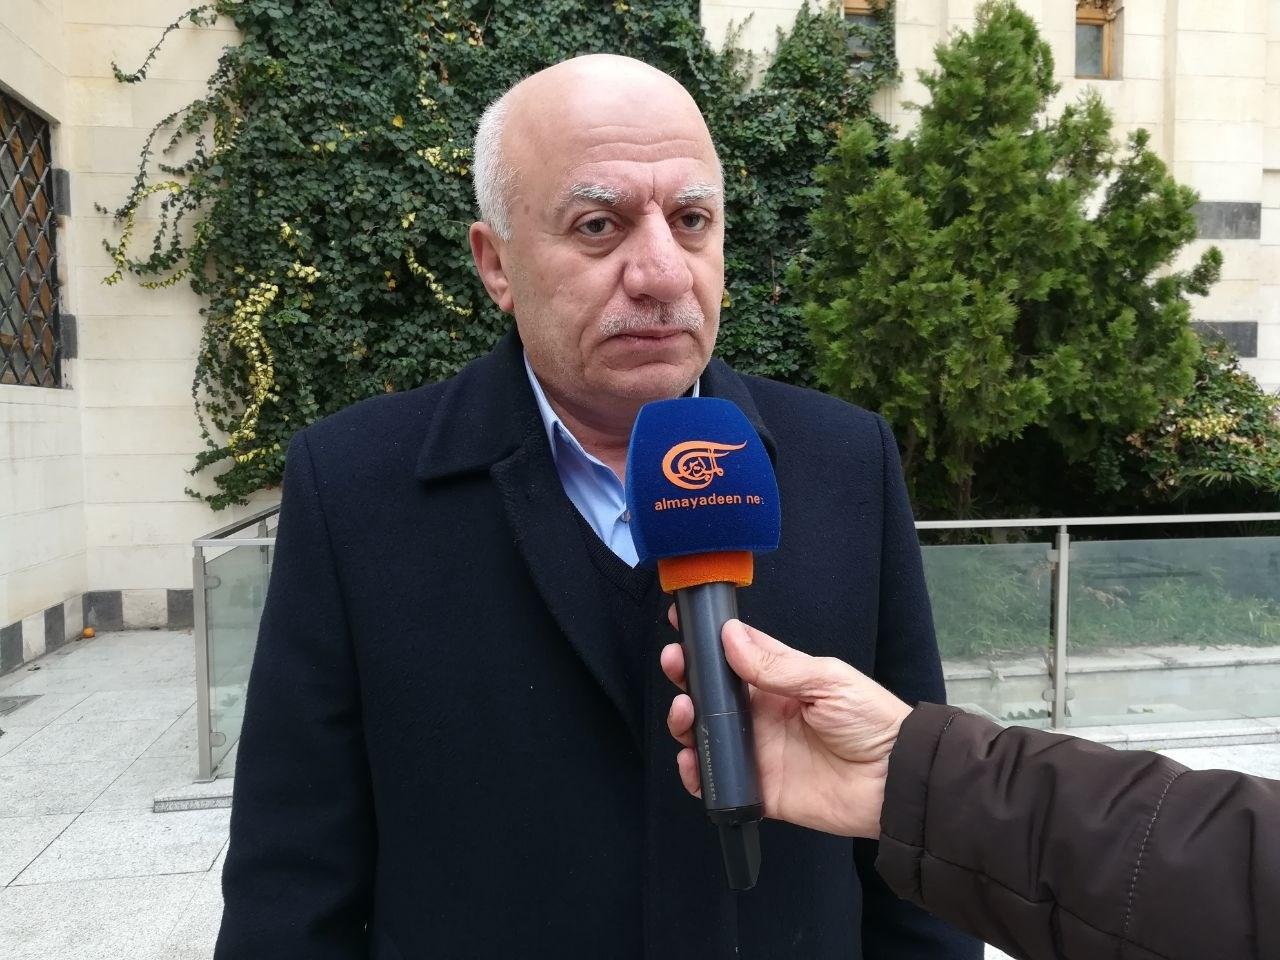 نائب سوري للميادين: تقدم كبير في الحوار بين القوى الكردية ودمشق